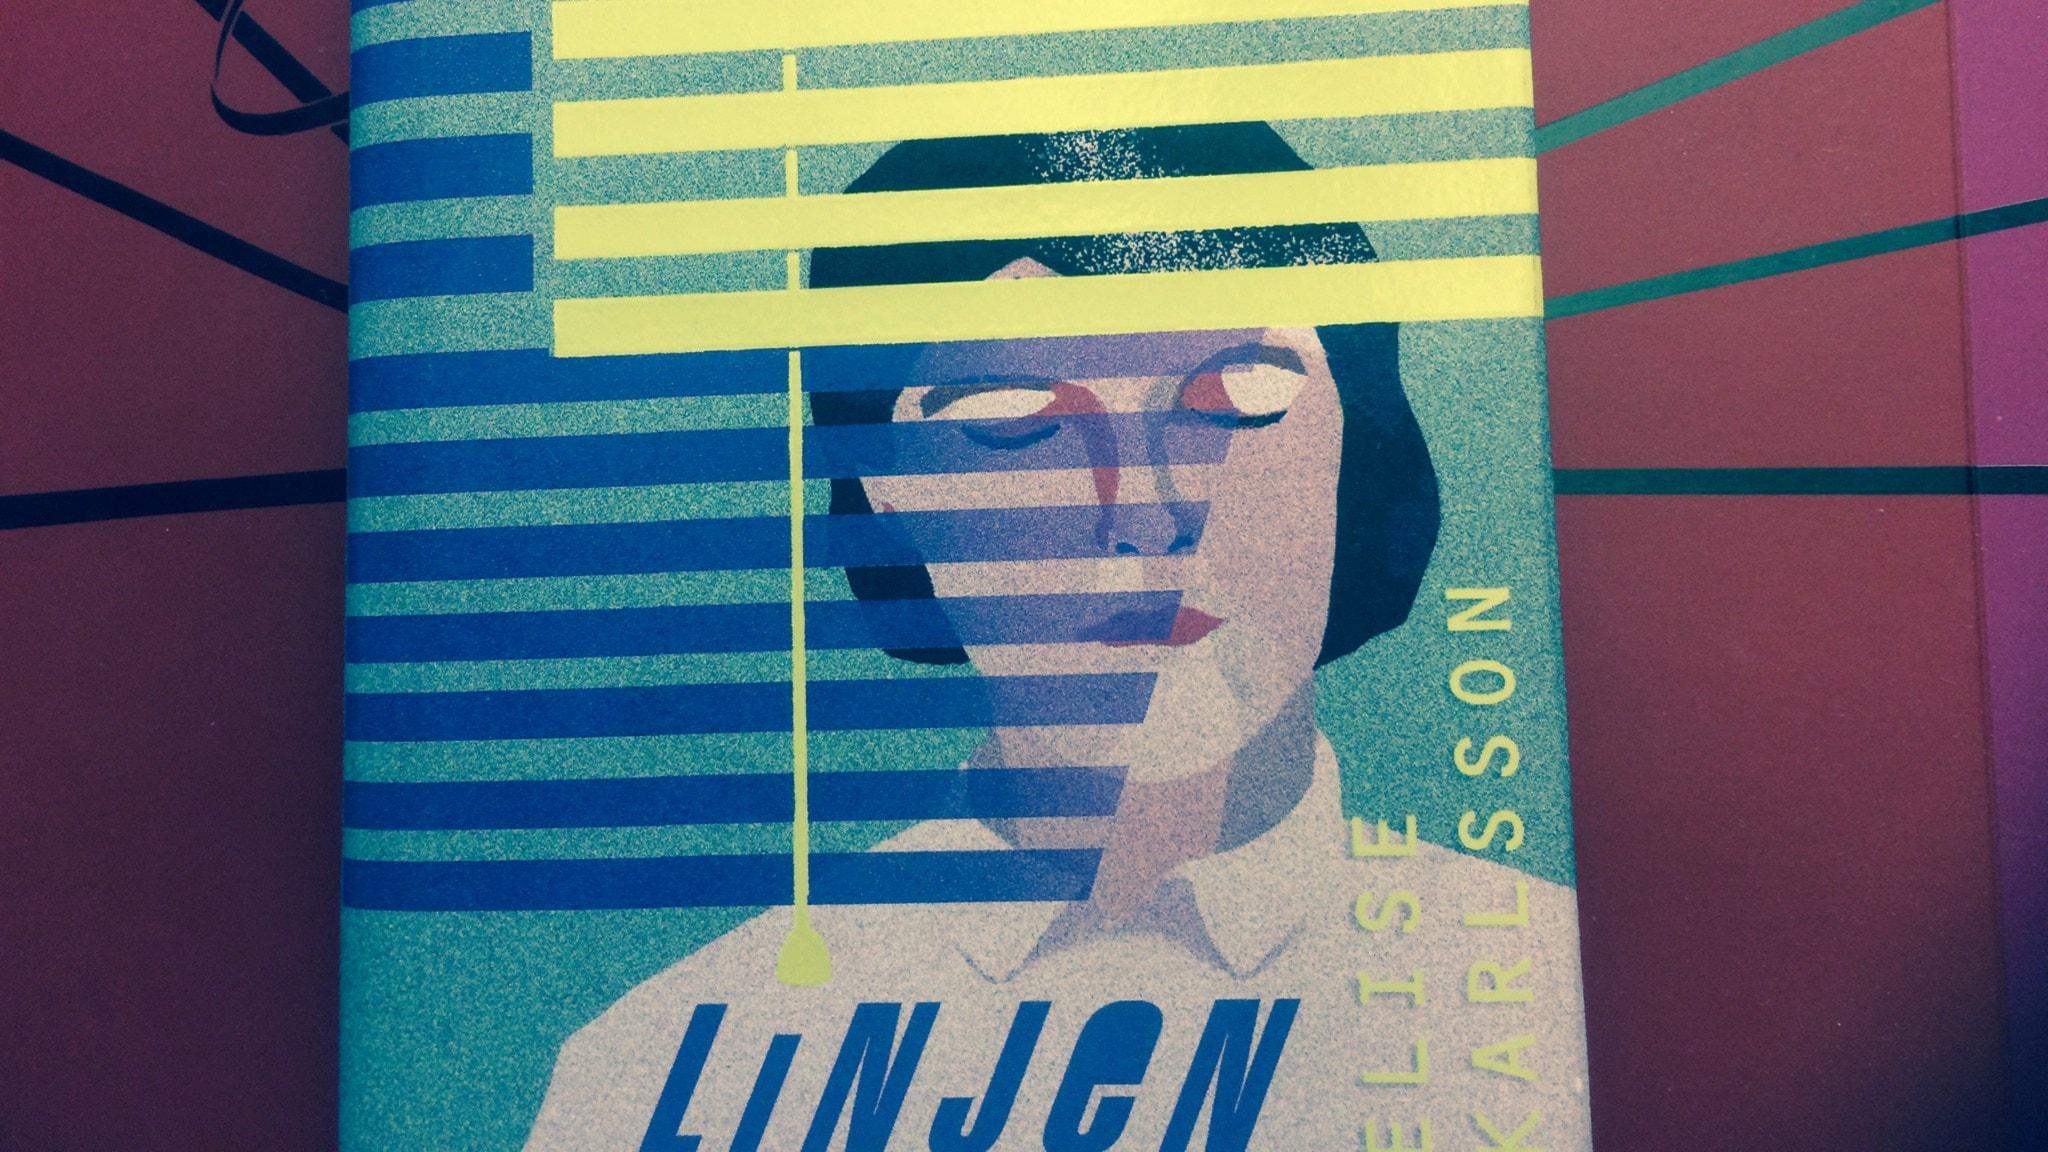 Romanprisjuryn diskuterar bok 5: Linjen av Elise Karlsson. Och sedan ska två böcker röstas bort!